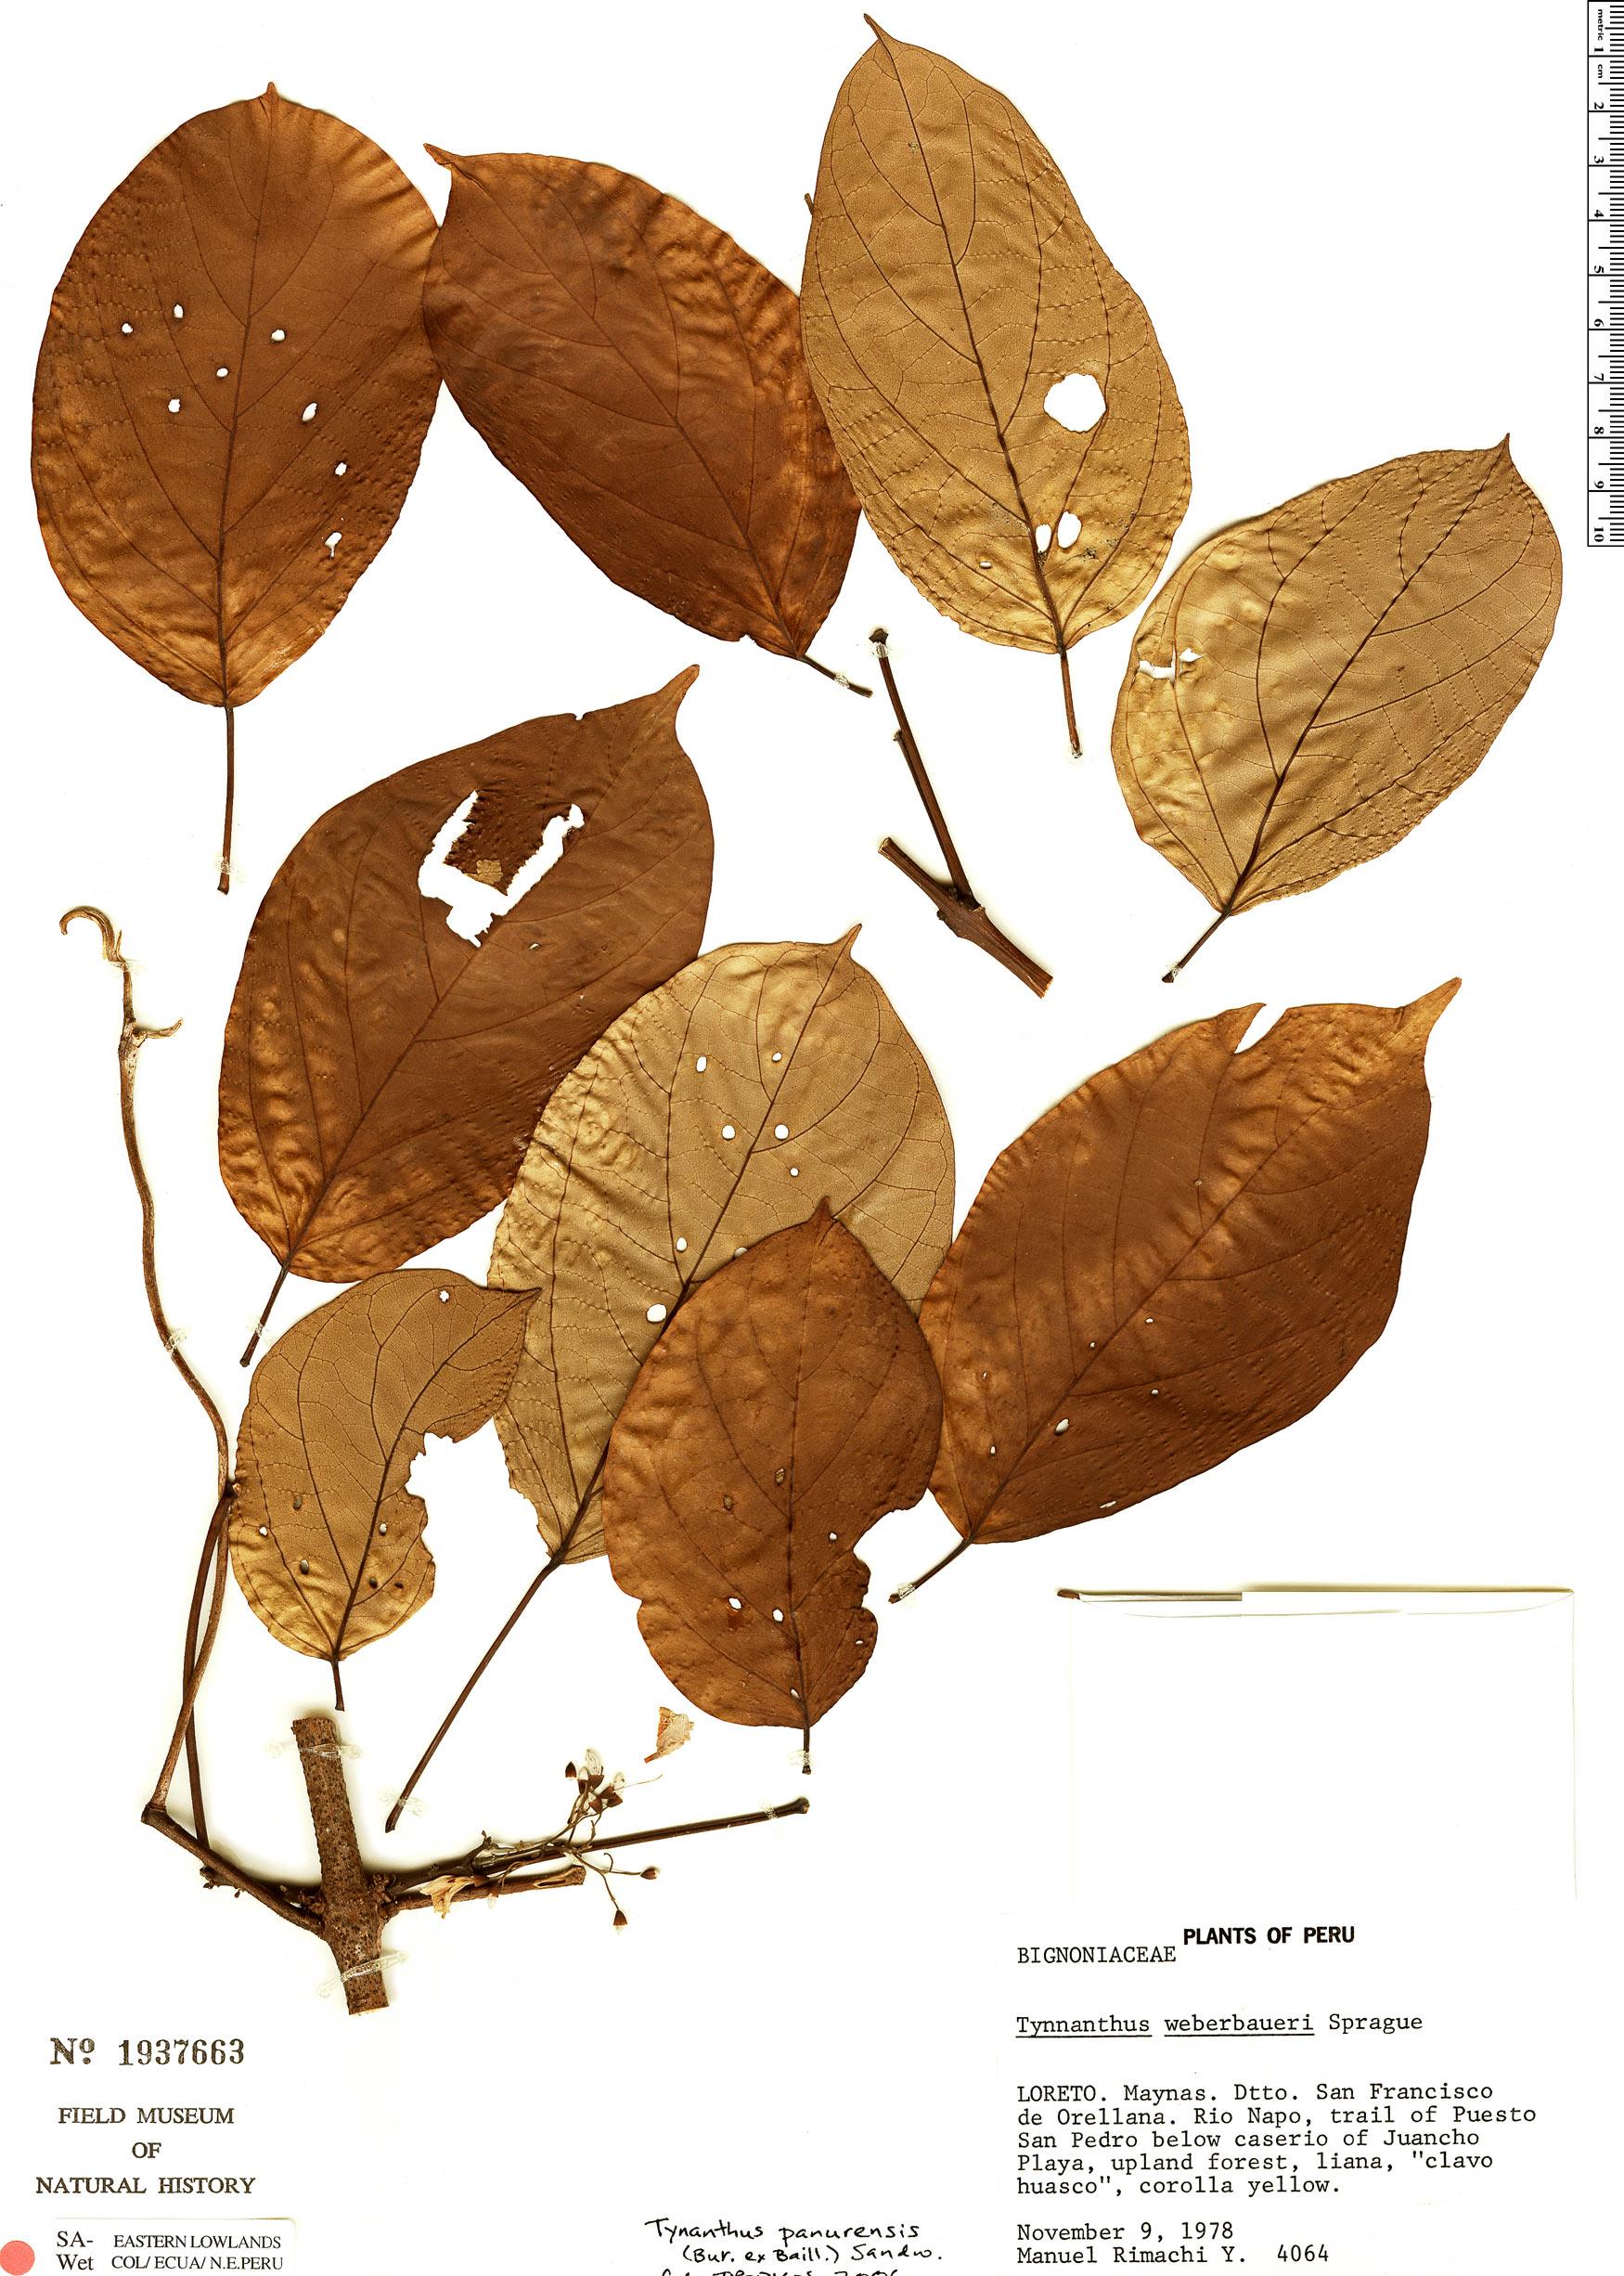 Specimen: Tynanthus panurensis